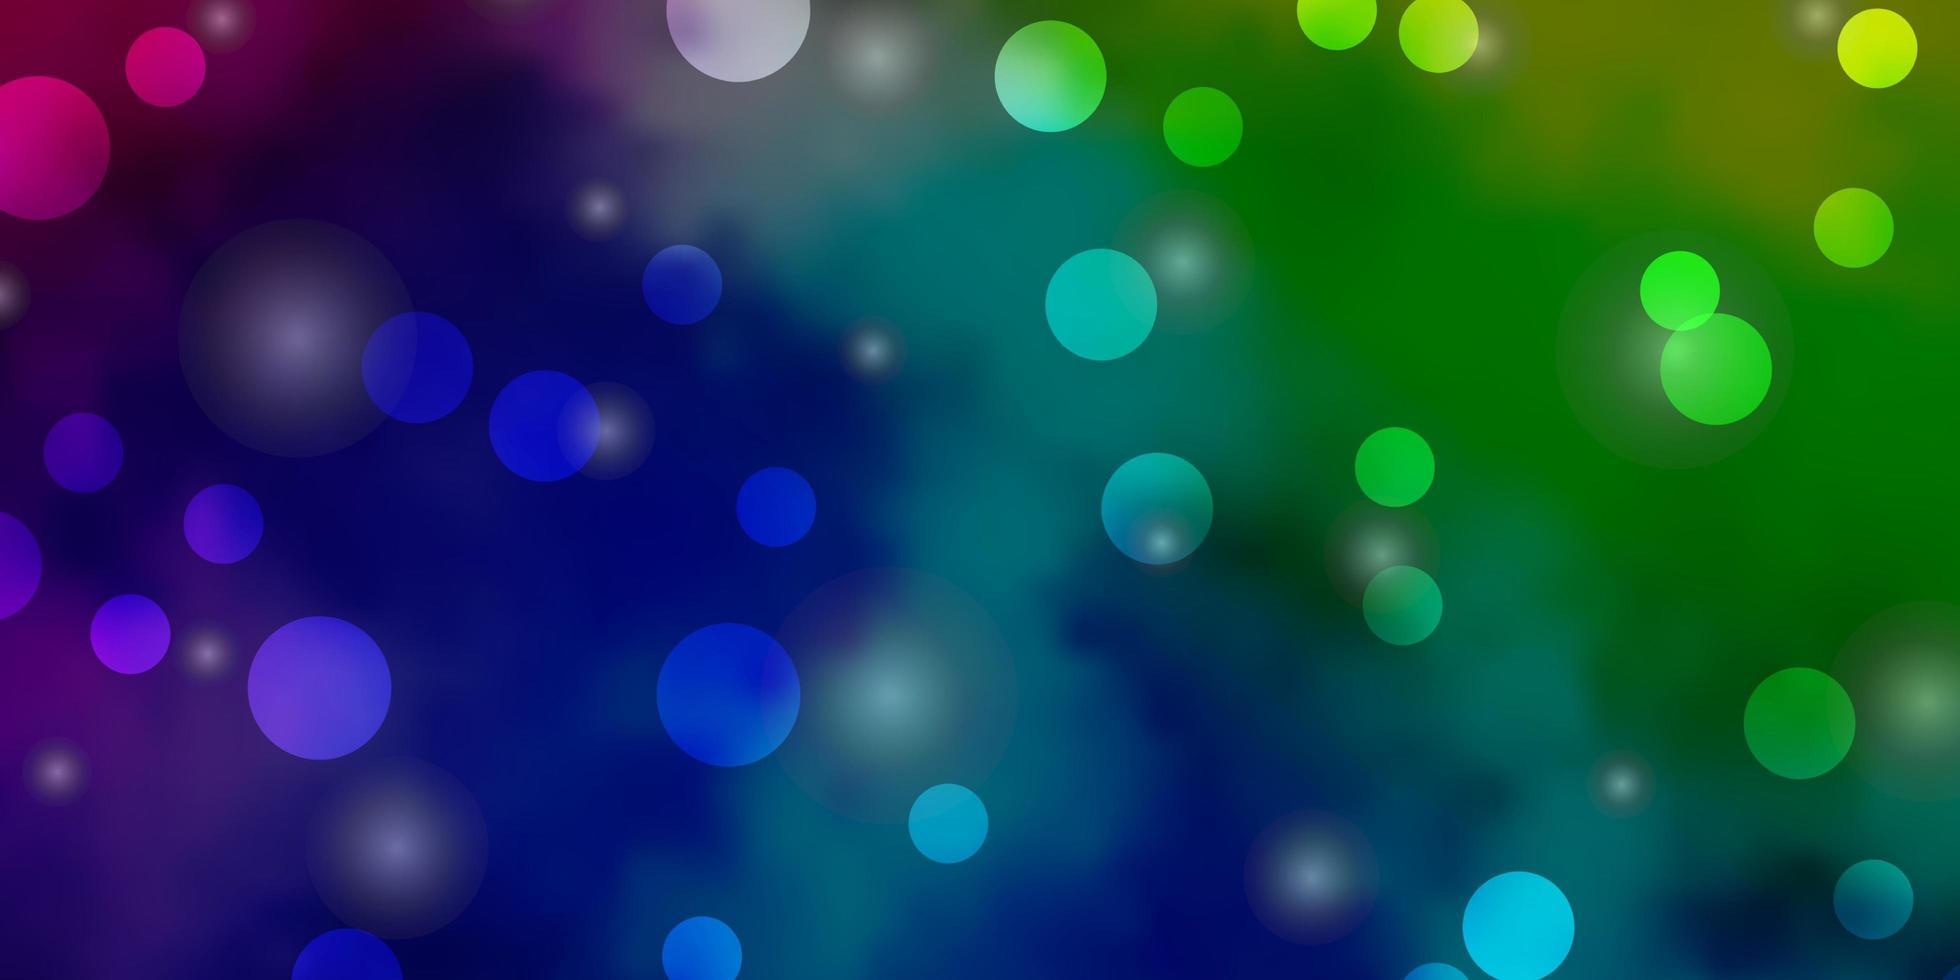 luz padrão multicolorido de vetor com círculos, estrelas.